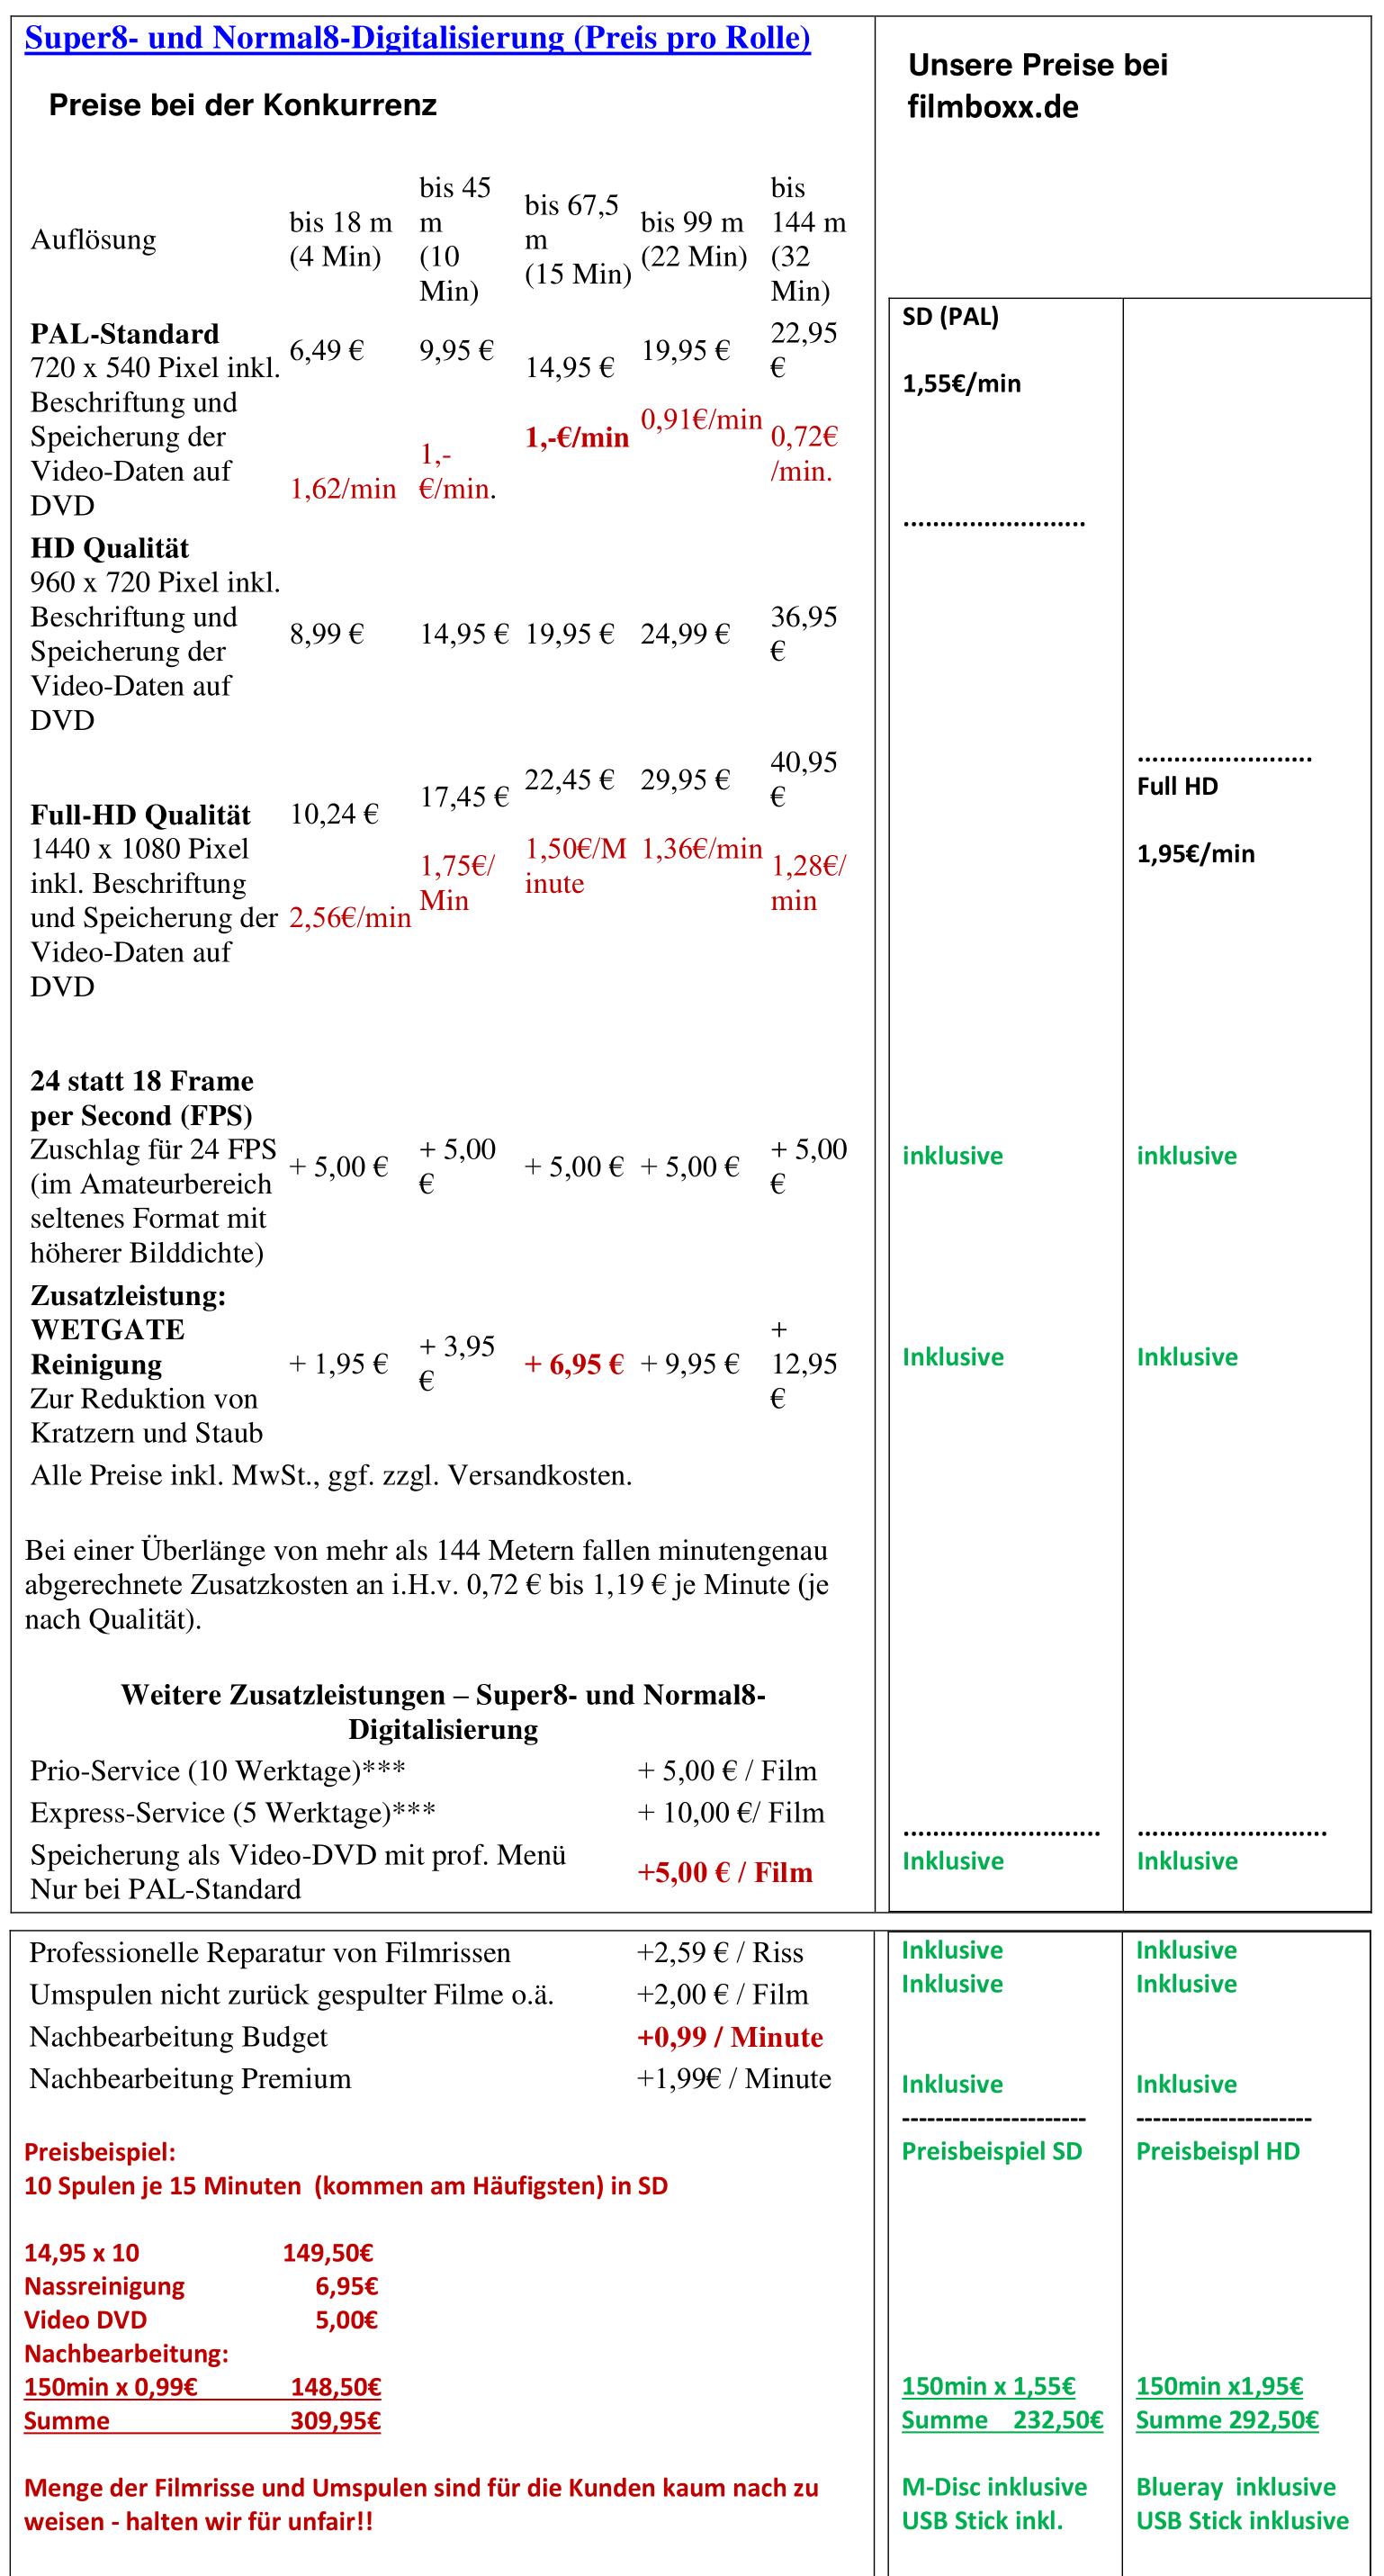 Preisvergleich zur Konkurrenz